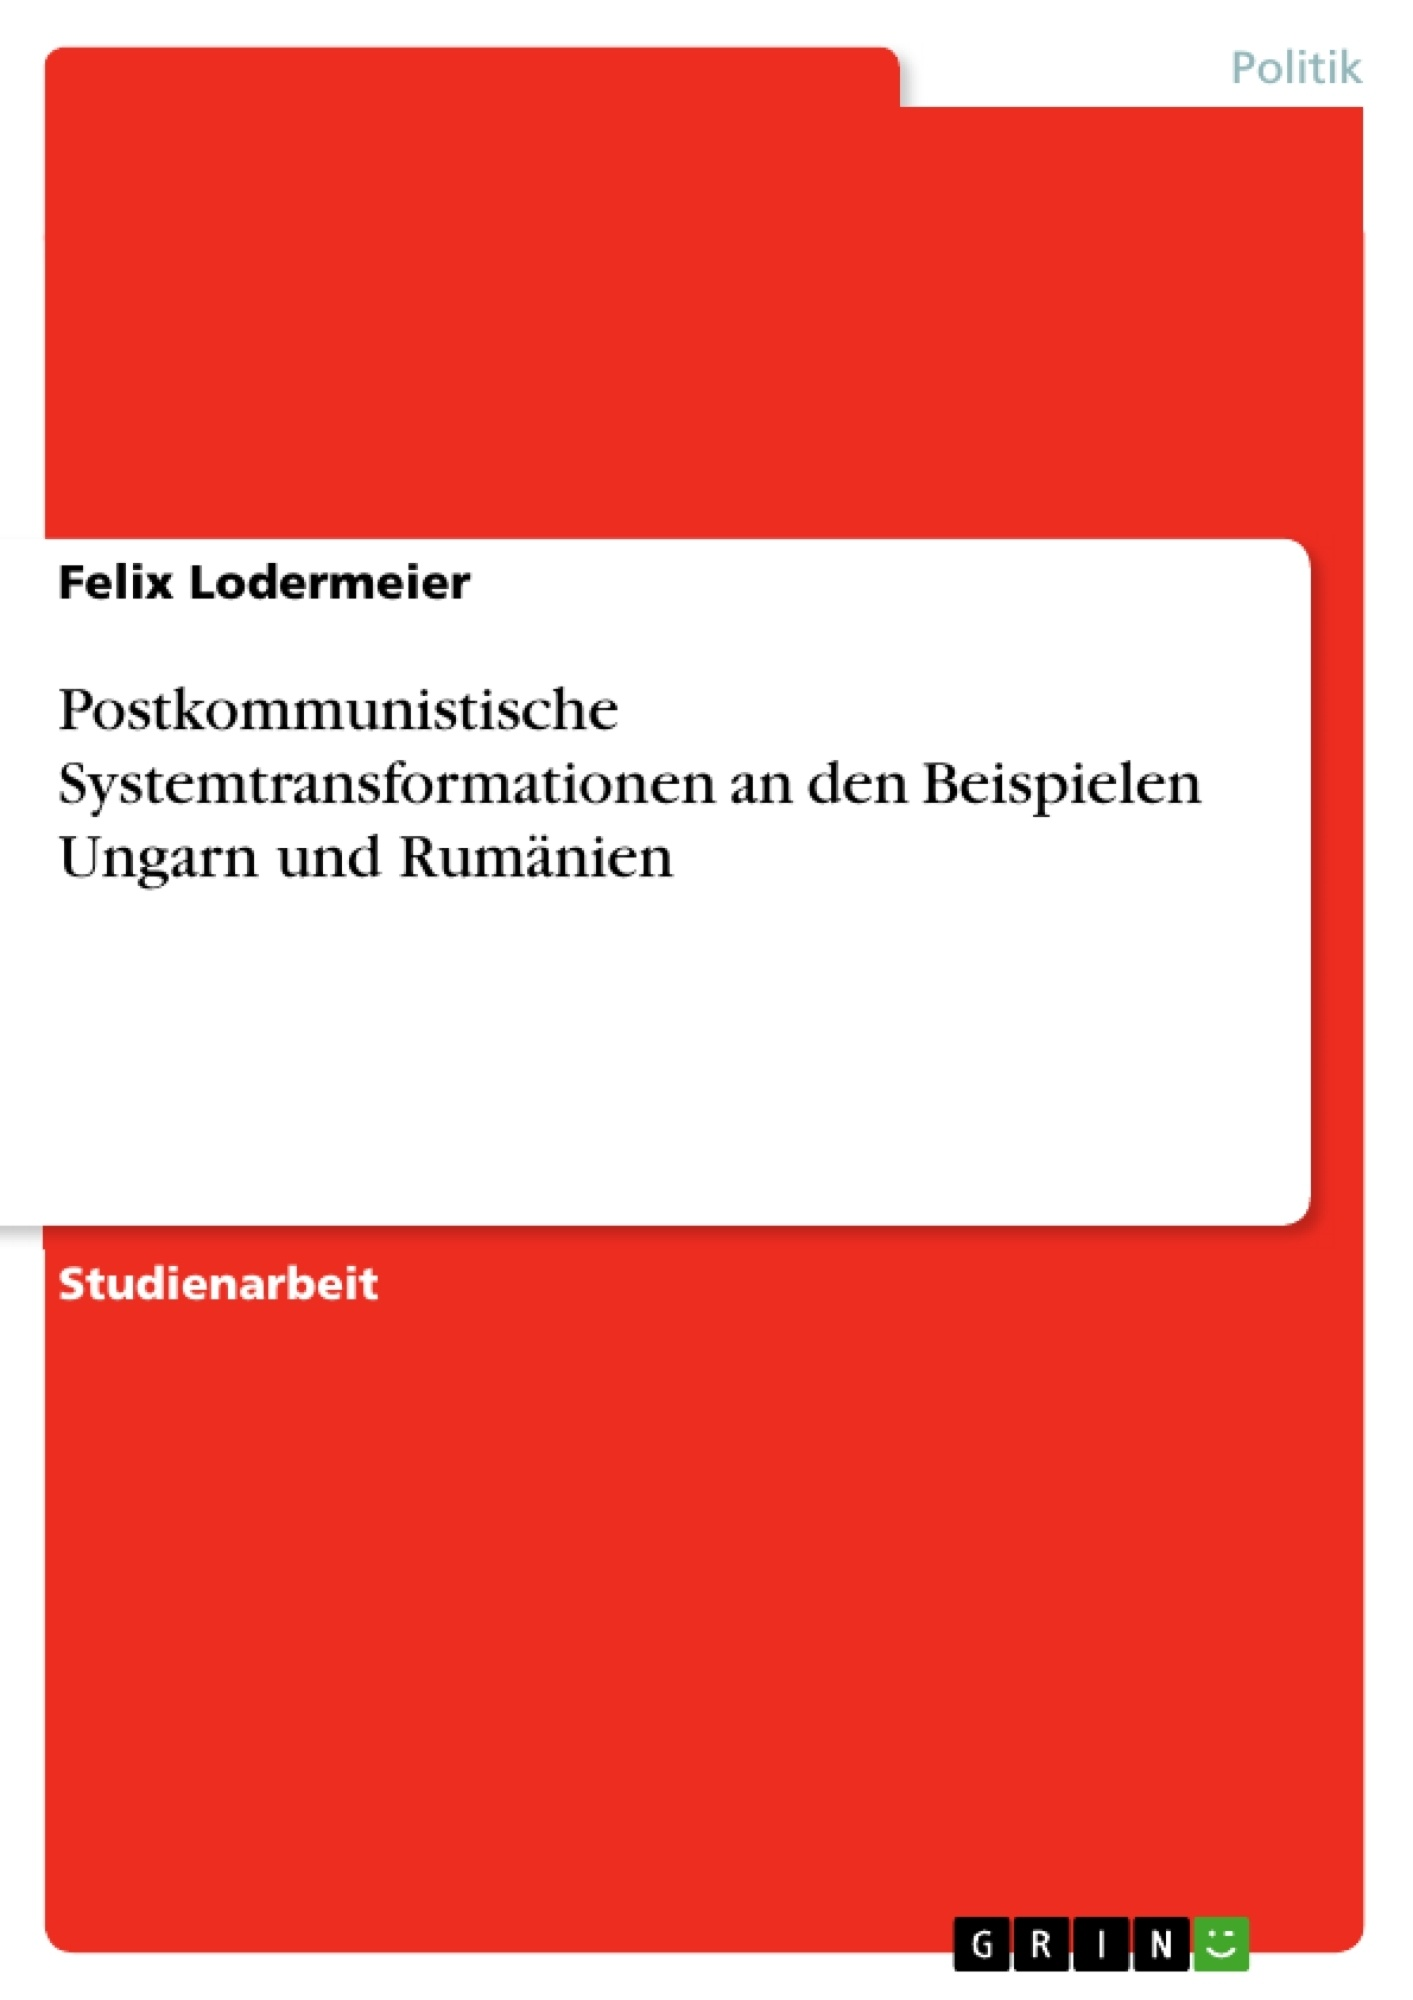 Titel: Postkommunistische Systemtransformationen an den Beispielen Ungarn und Rumänien